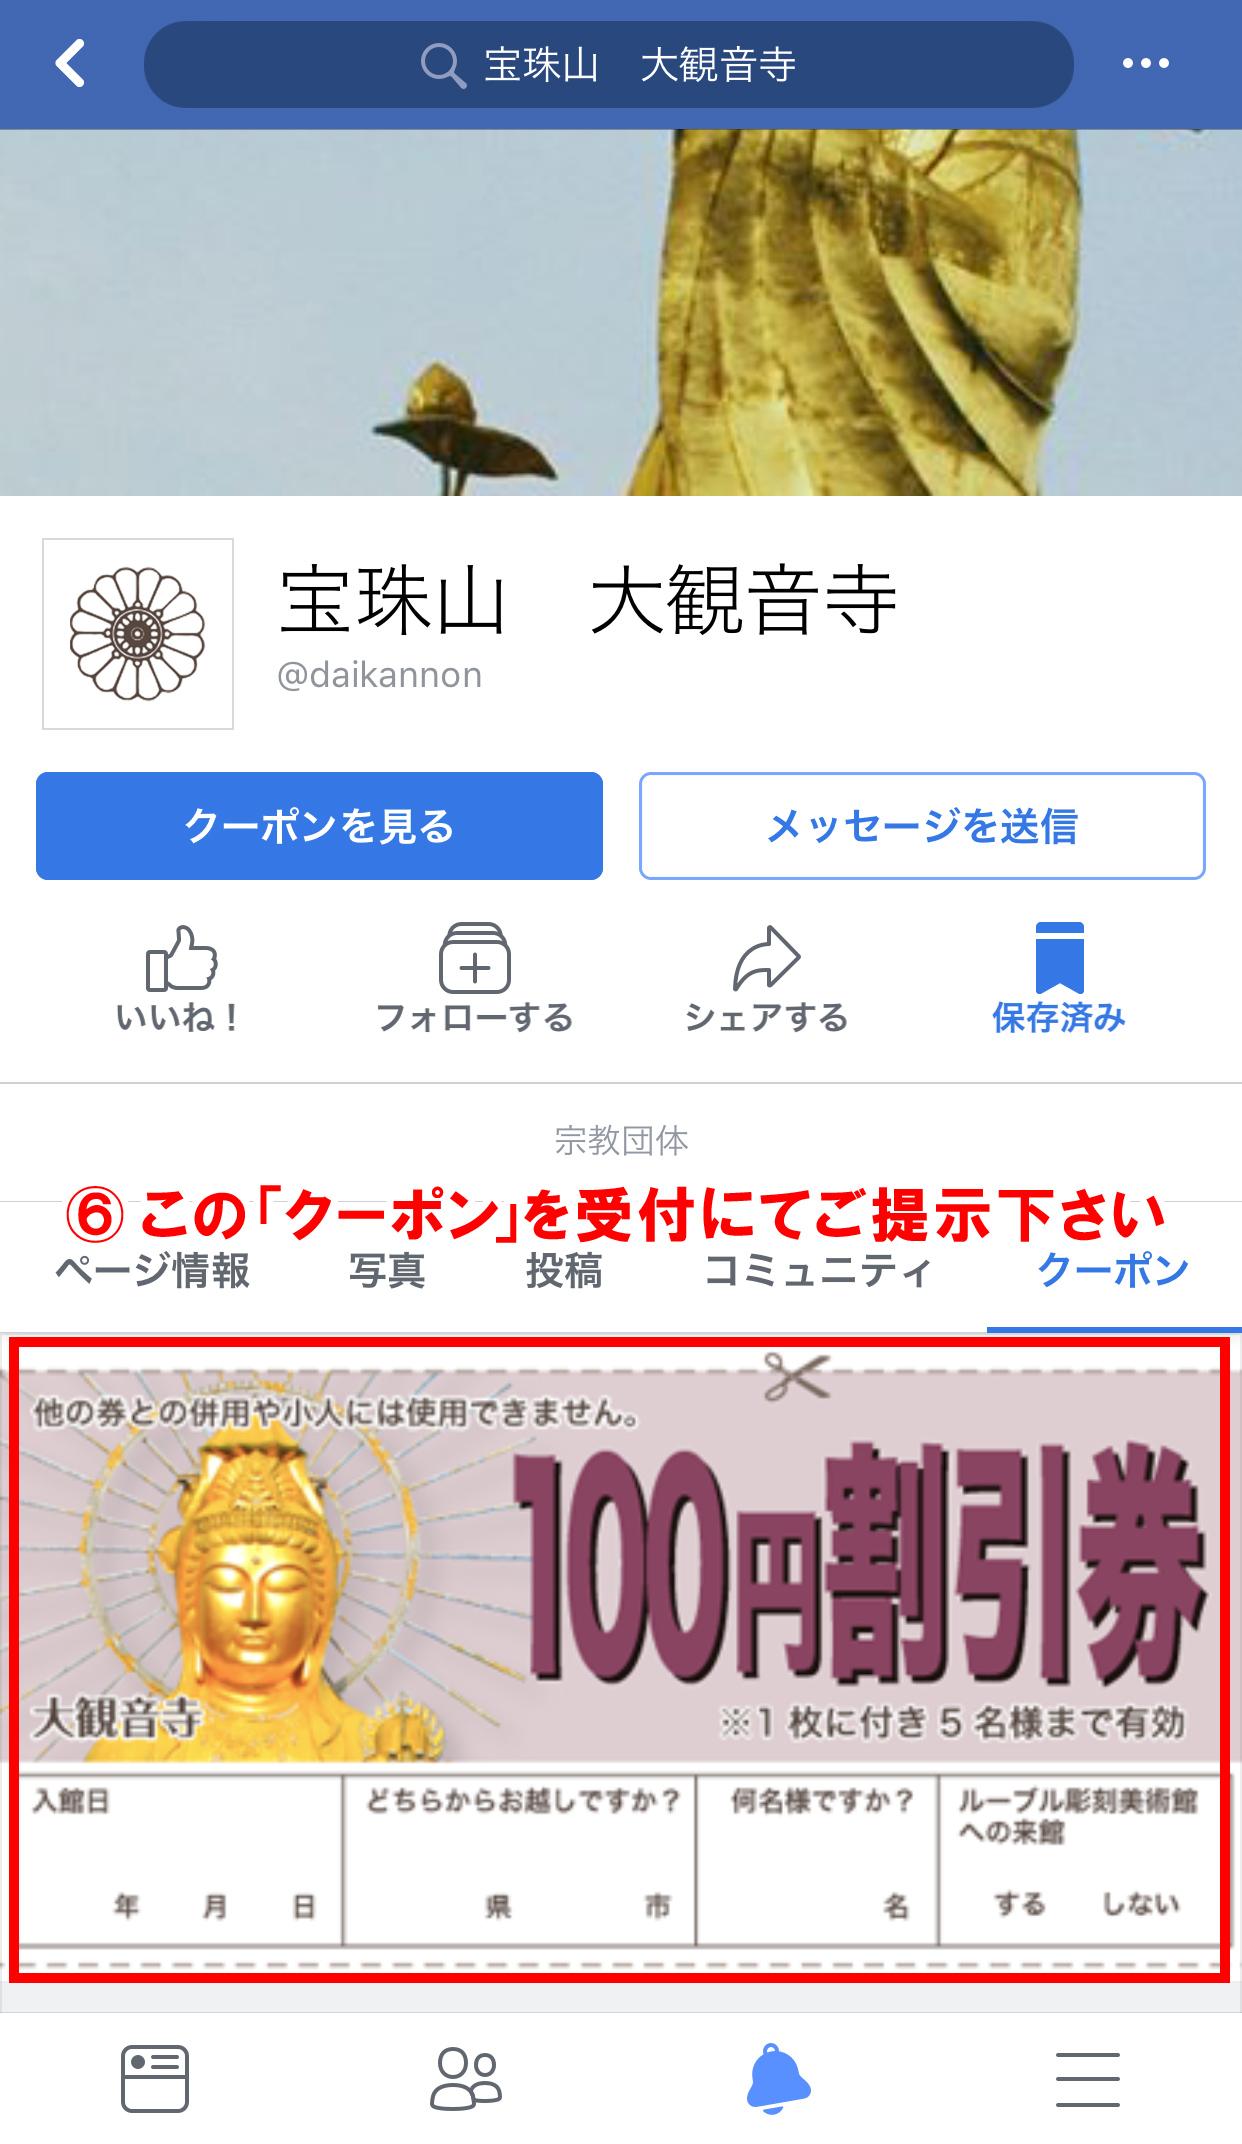 フェイスブッククーポンの利用方法7 この「クーポン」を受付にてご提示下さい